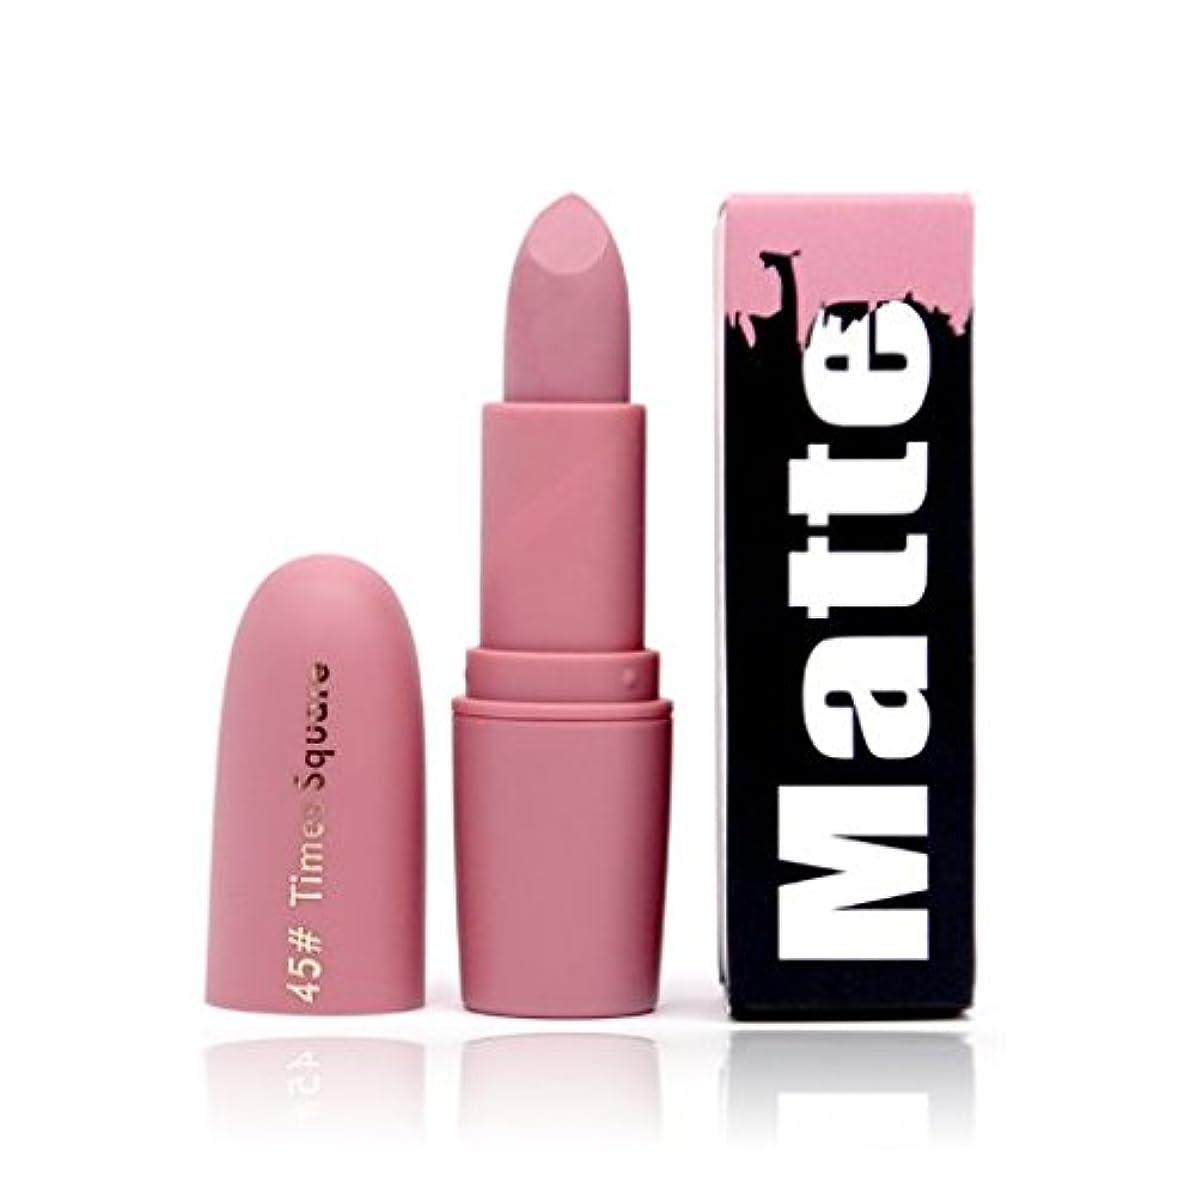 ぶら下がるいつも類似性Beauty Matte Moisturizing Lipstick Makeup Lipsticks Lip Stick Waterproof Lipgloss Mate Lipsticks Cosmetic